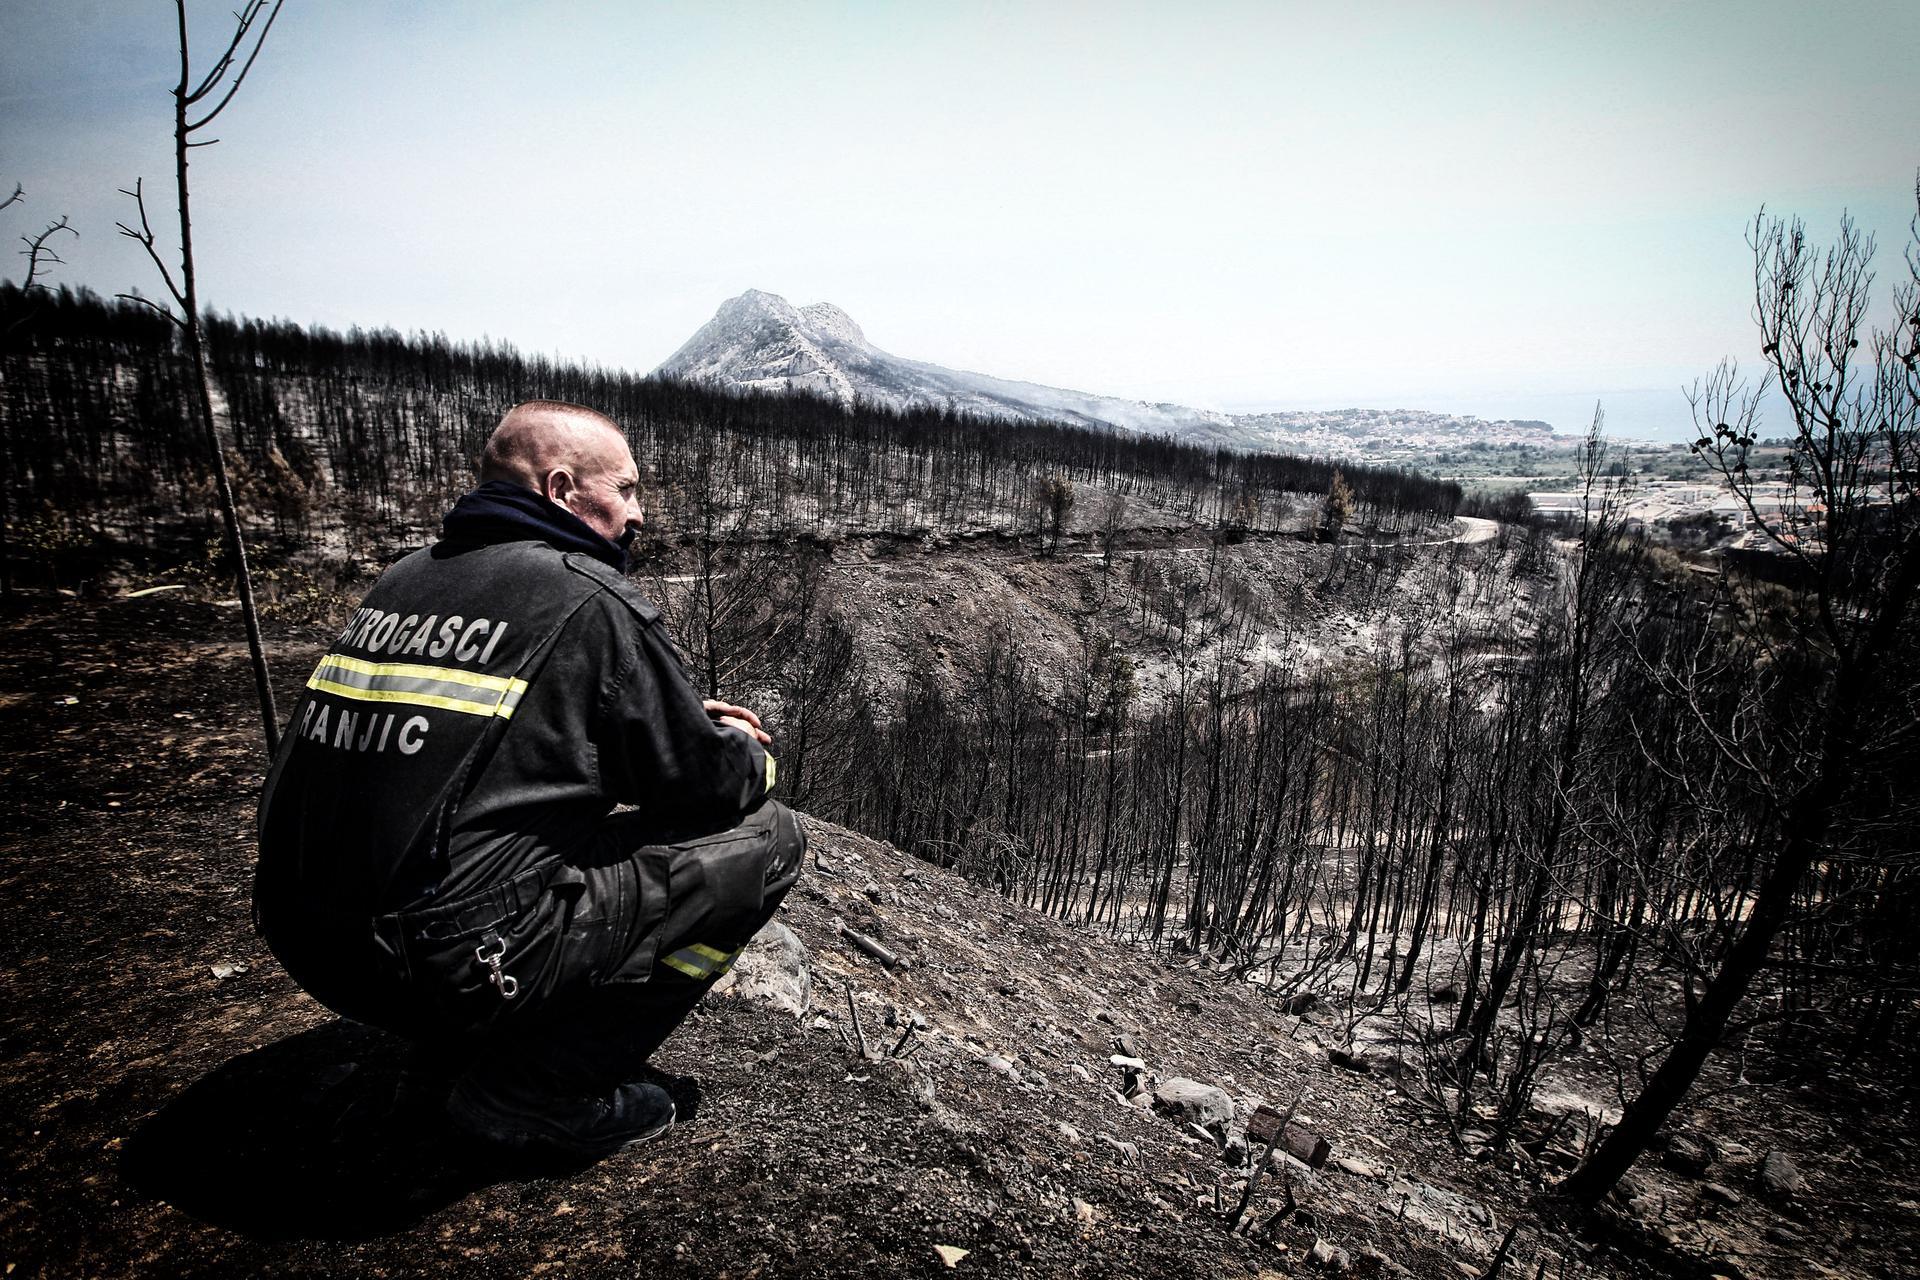 Gašenje požara u vatrogastvu – svi vatrogasci pod isti krov, a Sanader novi zapovjednik?!